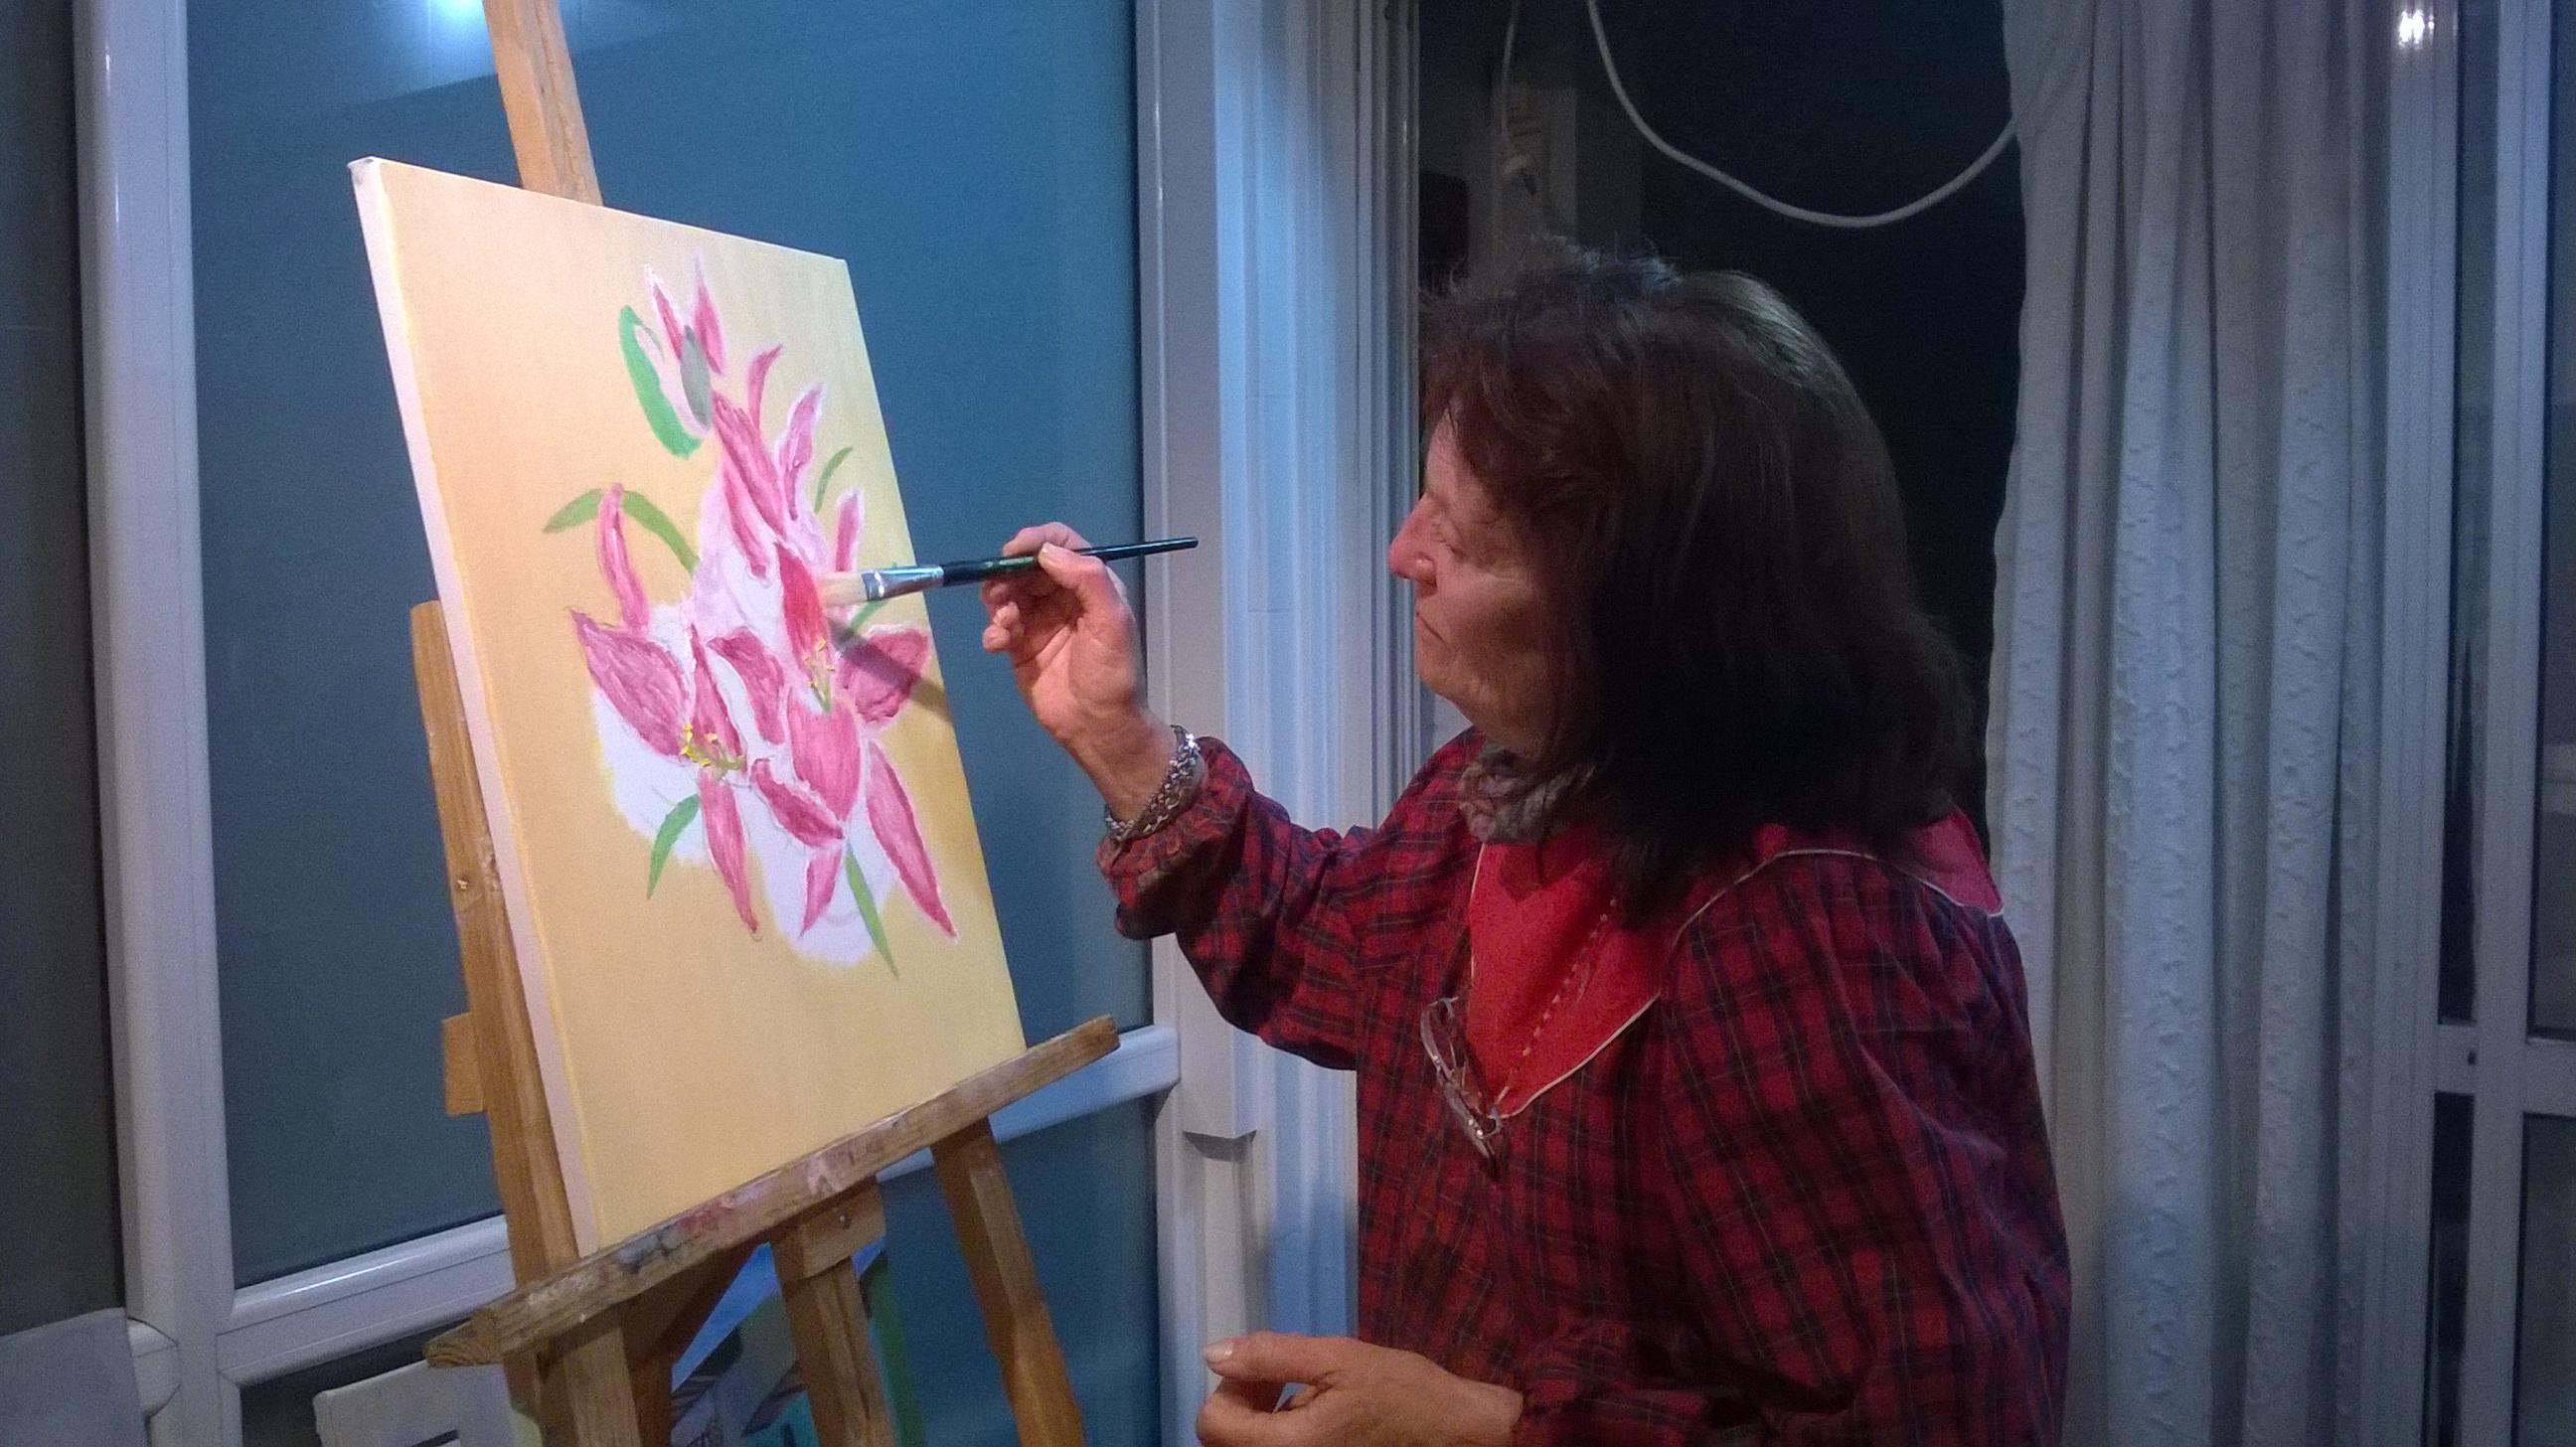 Taller - Atelier de Liliana Daniele